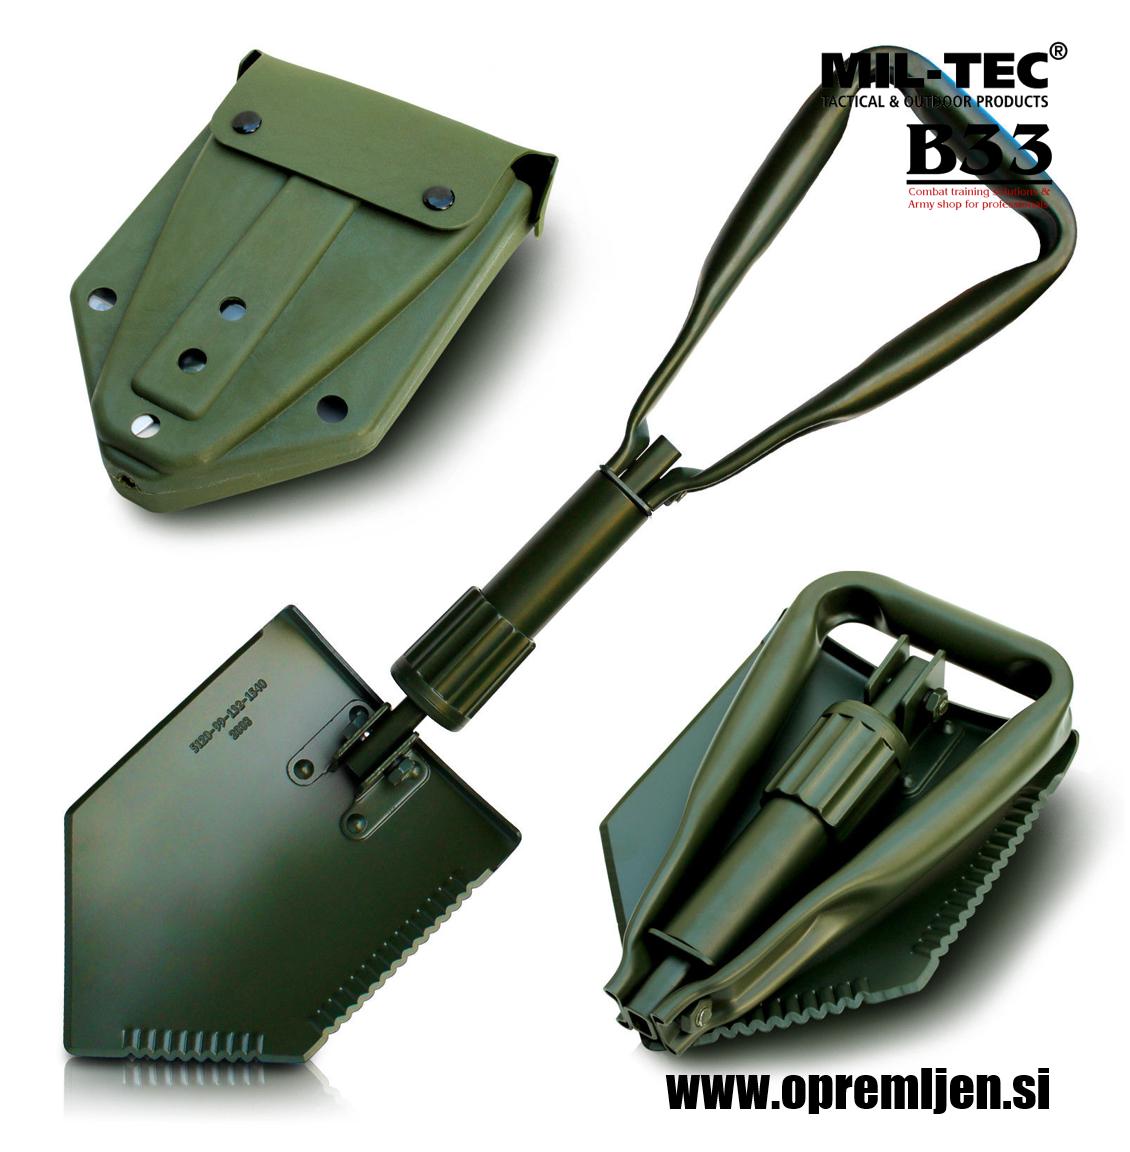 Profesionalna zložljiva vojaška lopata z robustnim tokom za namestitev na opasač ali nahrbtnik olivne barve MILTEC by B33 army shop at www.opremljen.si trgovina z vojaško opremo, vojaška trgovina